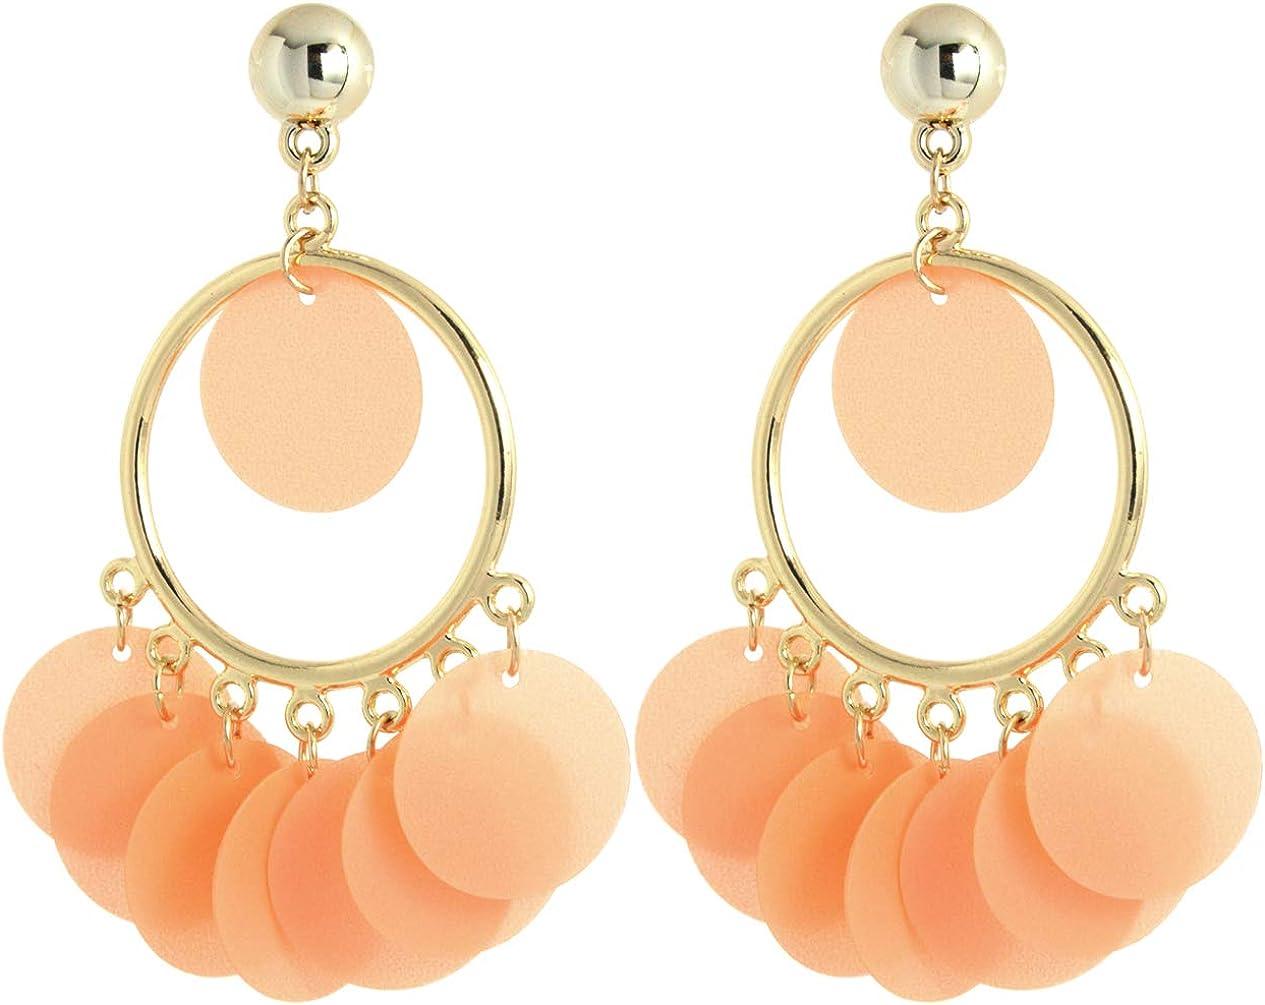 2LIVEfor Pendientes largos colgantes, pendientes naranjas, dorados, rosas, étnicos, adornados en forma de gota, bohemios, vintage, anillos, pendientes con lentejuelas, orientales, redondos